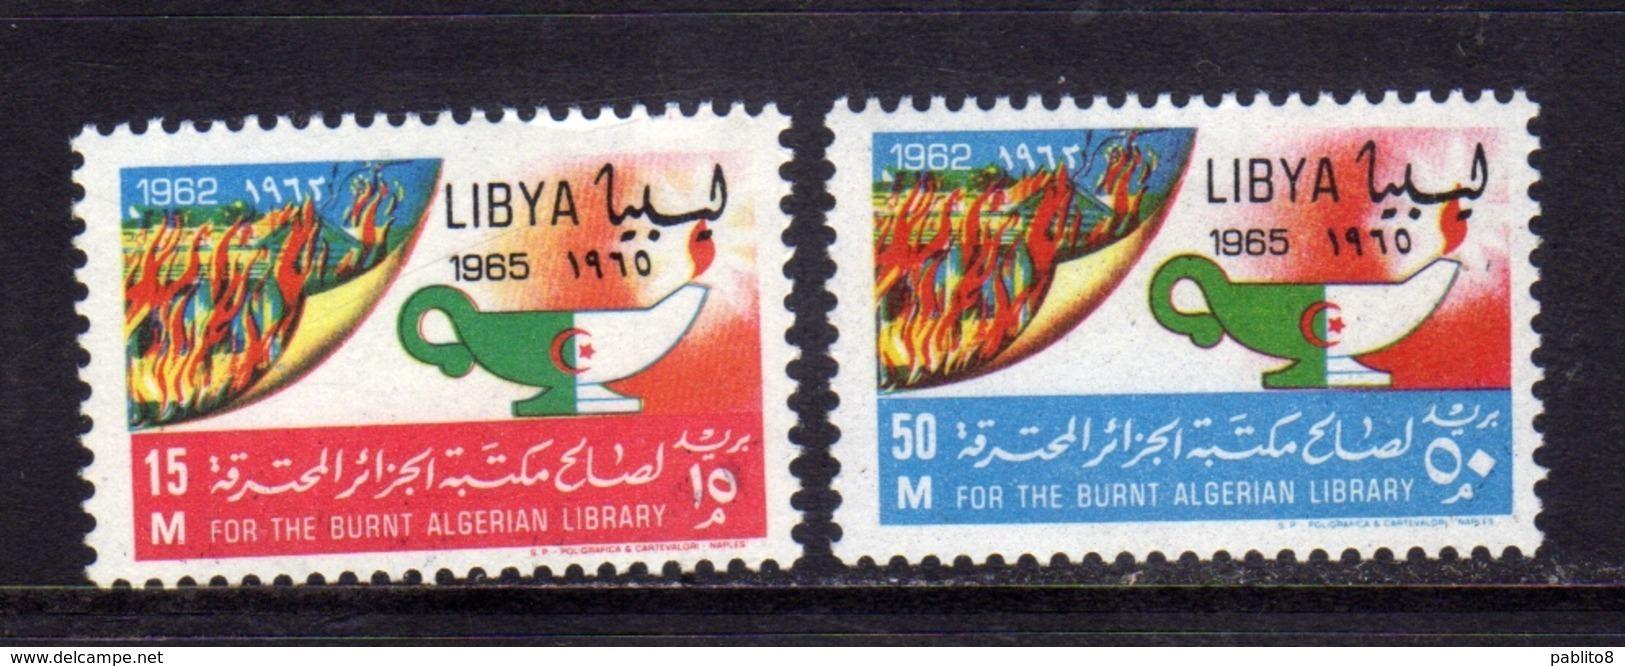 LIBYA LIBIA UNITED KINGDOM REGNO UNITO 1965 INCENDIO BIBLIOTECA ALGERI FIRE LIBRARY SERIE COMPLETA COMPLETE SET MNH - Libië